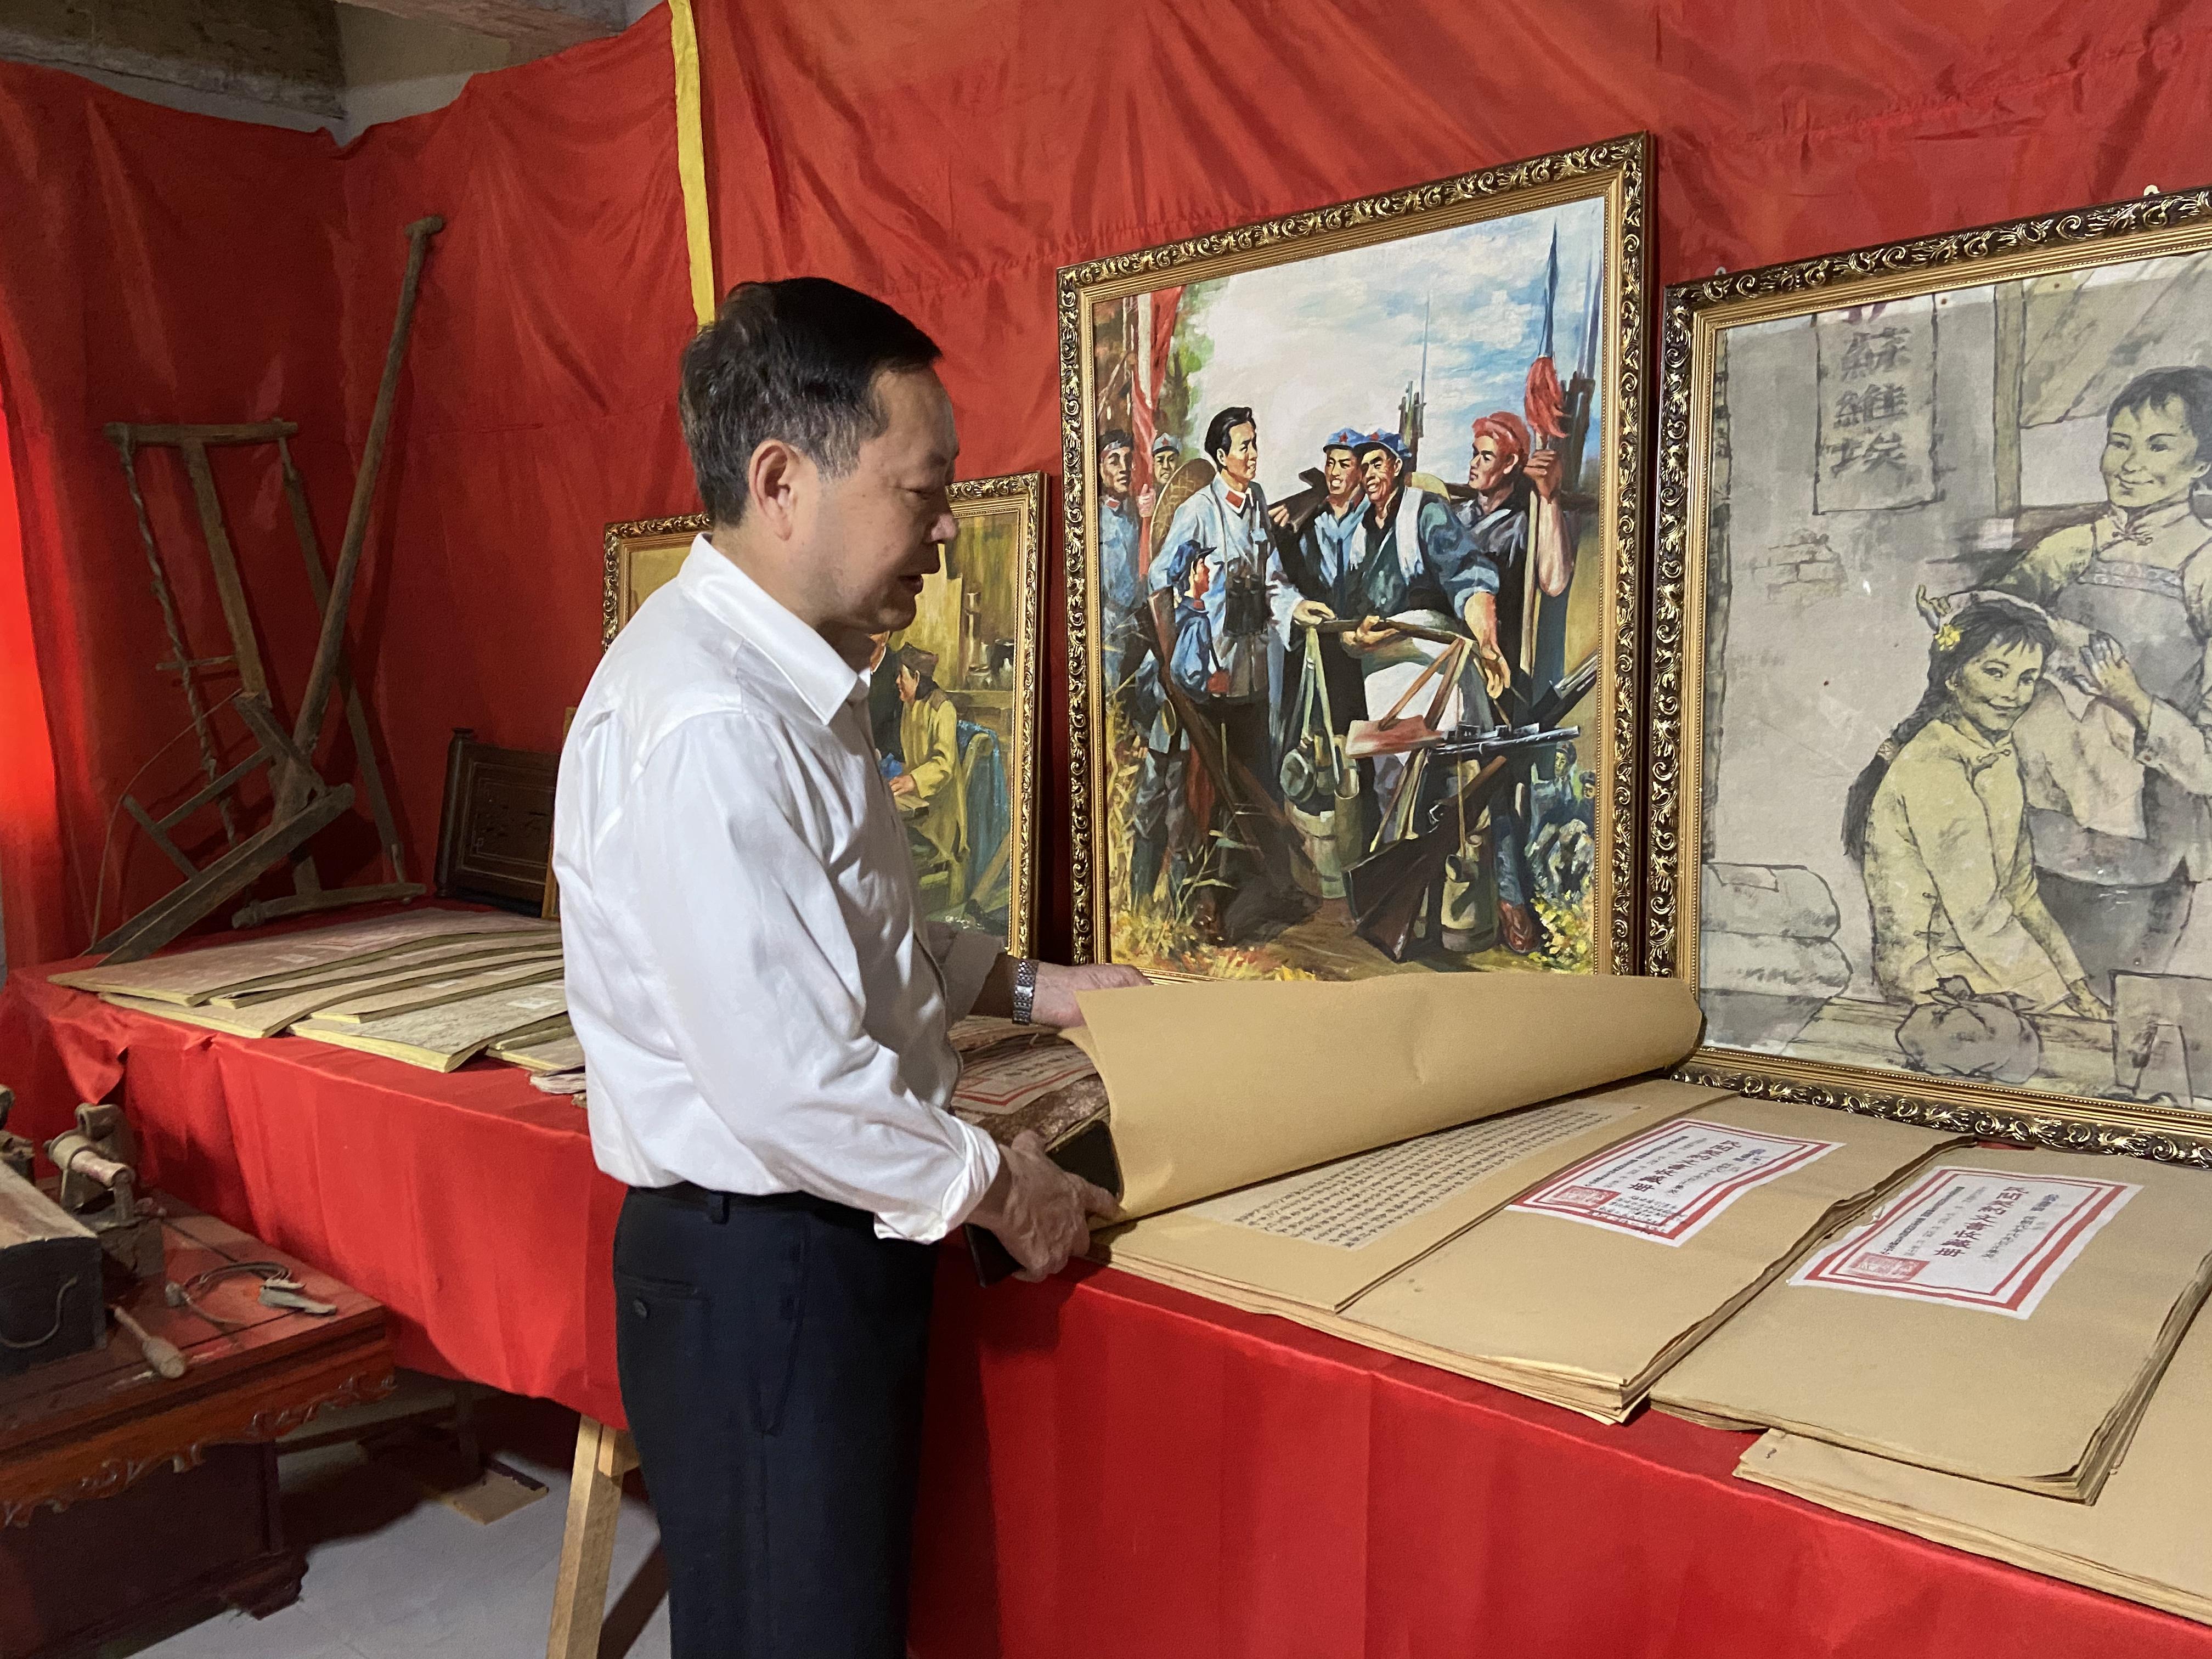 严帆和他收藏的部分反映客家人契约精神的资料。澎湃新闻记者 赵思维 摄